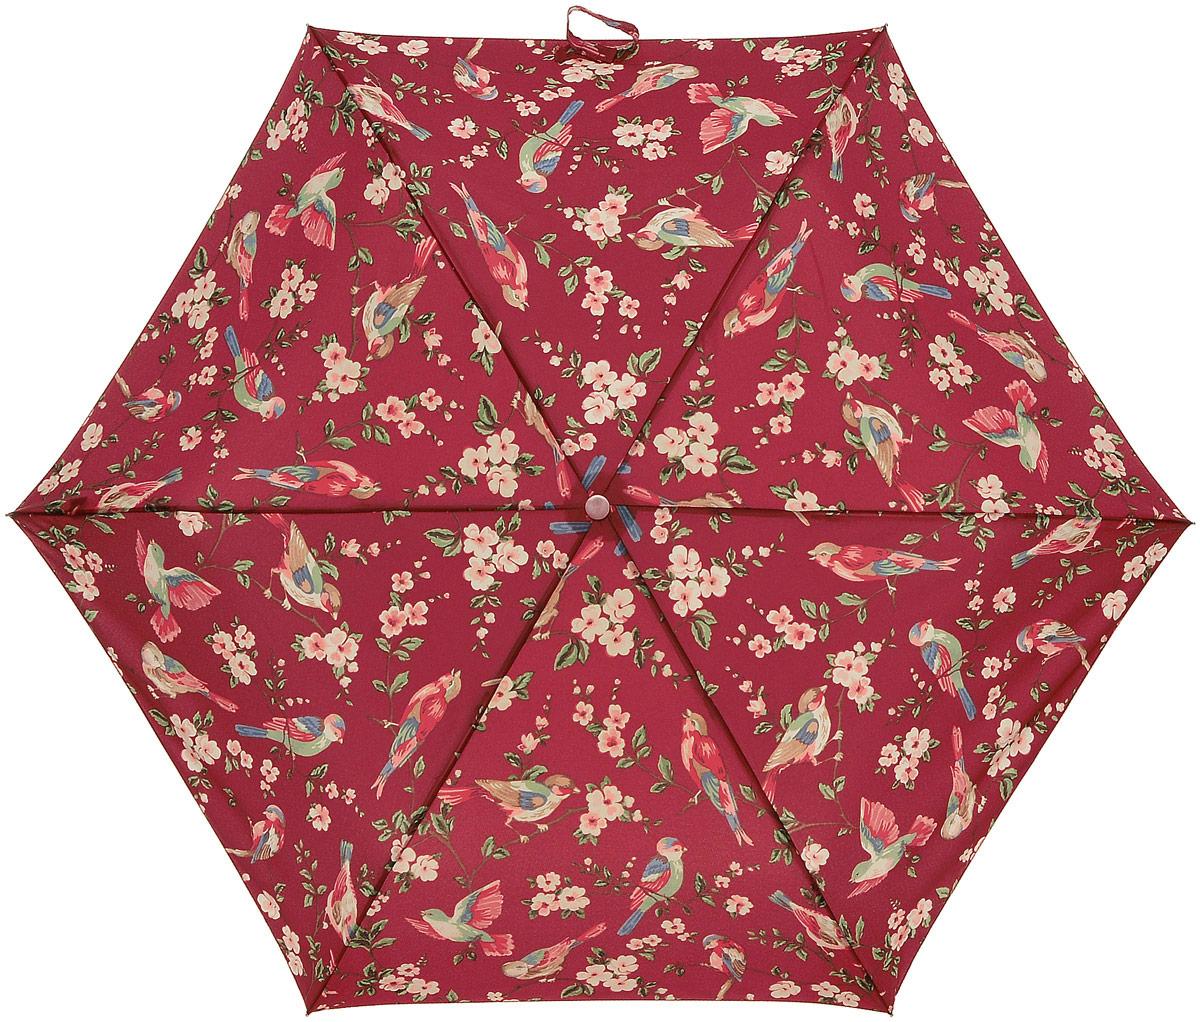 Зонт женский Cath Kidston Minilite, механический, 3 сложения, цвет: темно-красный, мультиколор. L768-3065REM12-CAM-GREENBLACKСтильный механический зонт Cath Kidston Minilite в 3 сложения даже в ненастную погоду позволит вам оставаться элегантной. Облегченный каркас зонта выполнен из 8 спиц из фибергласса и алюминия, стержень также изготовлен из алюминия, удобная рукоятка - из пластика. Купол зонта выполнен из прочного полиэстера. В закрытом виде застегивается хлястиком на липучке. Яркий оригинальный принт в виде изображения цветов и птиц поднимет настроение в дождливый день.Зонт механического сложения: купол открывается и закрывается вручную до характерного щелчка.На рукоятке для удобства есть небольшой шнурок, позволяющий надеть зонт на руку тогда, когда это будет необходимо. К зонту прилагается чехол с небольшой нашивкой с названием бренда. Oaeie зонт компактно располагается в кармане, сумочке, дверке автомобиля.